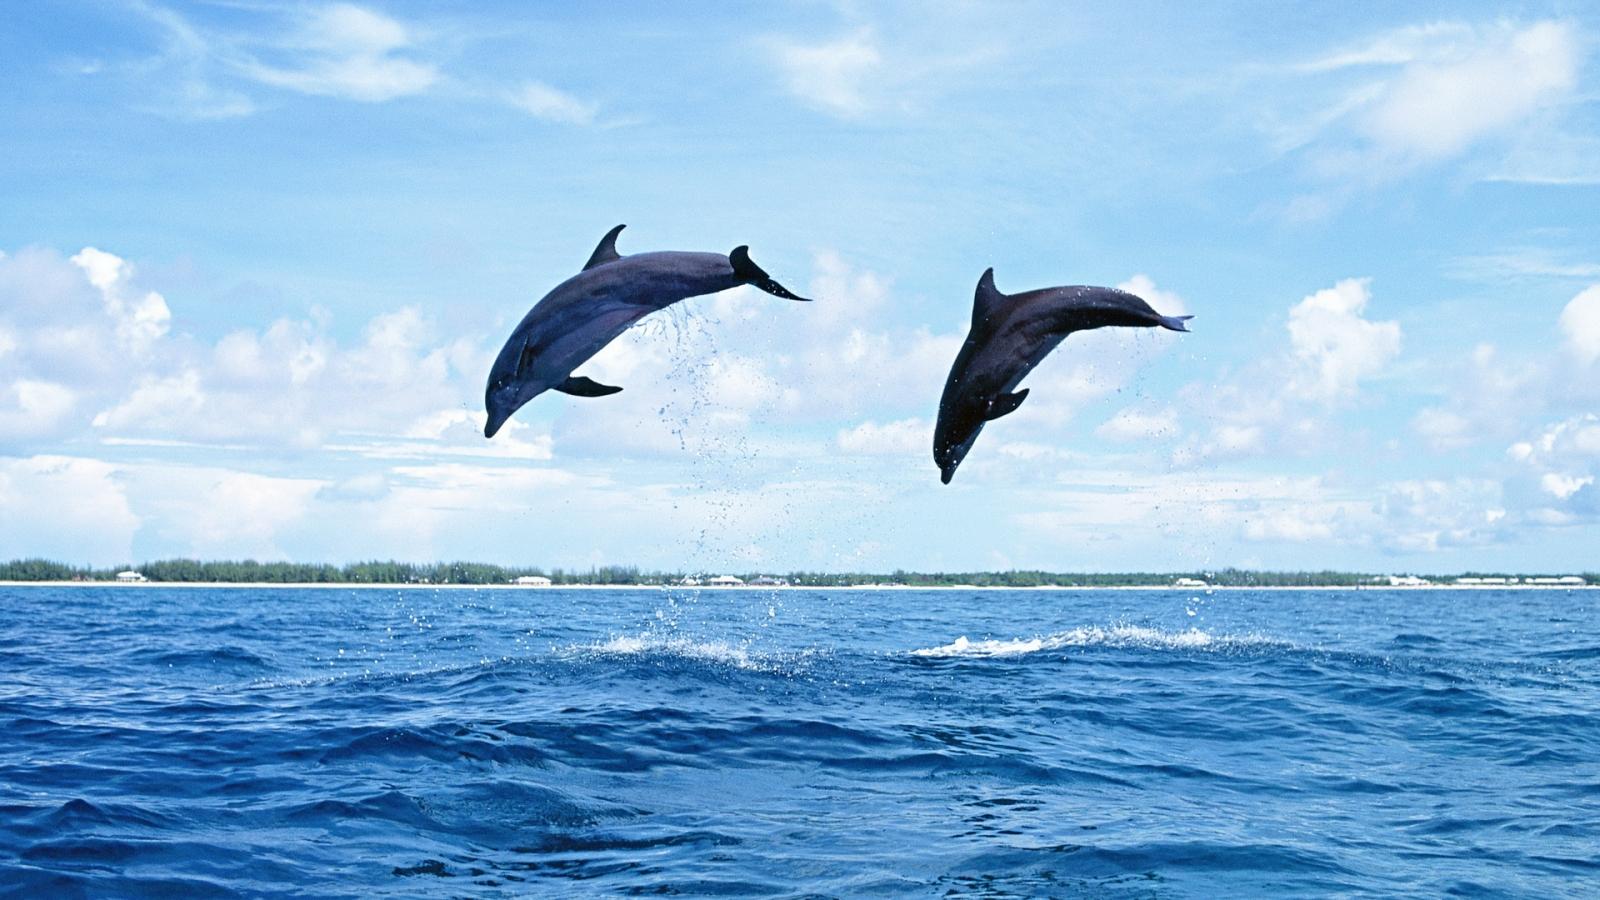 ¿Conoces los robots delfines? Aportar información a los científicos